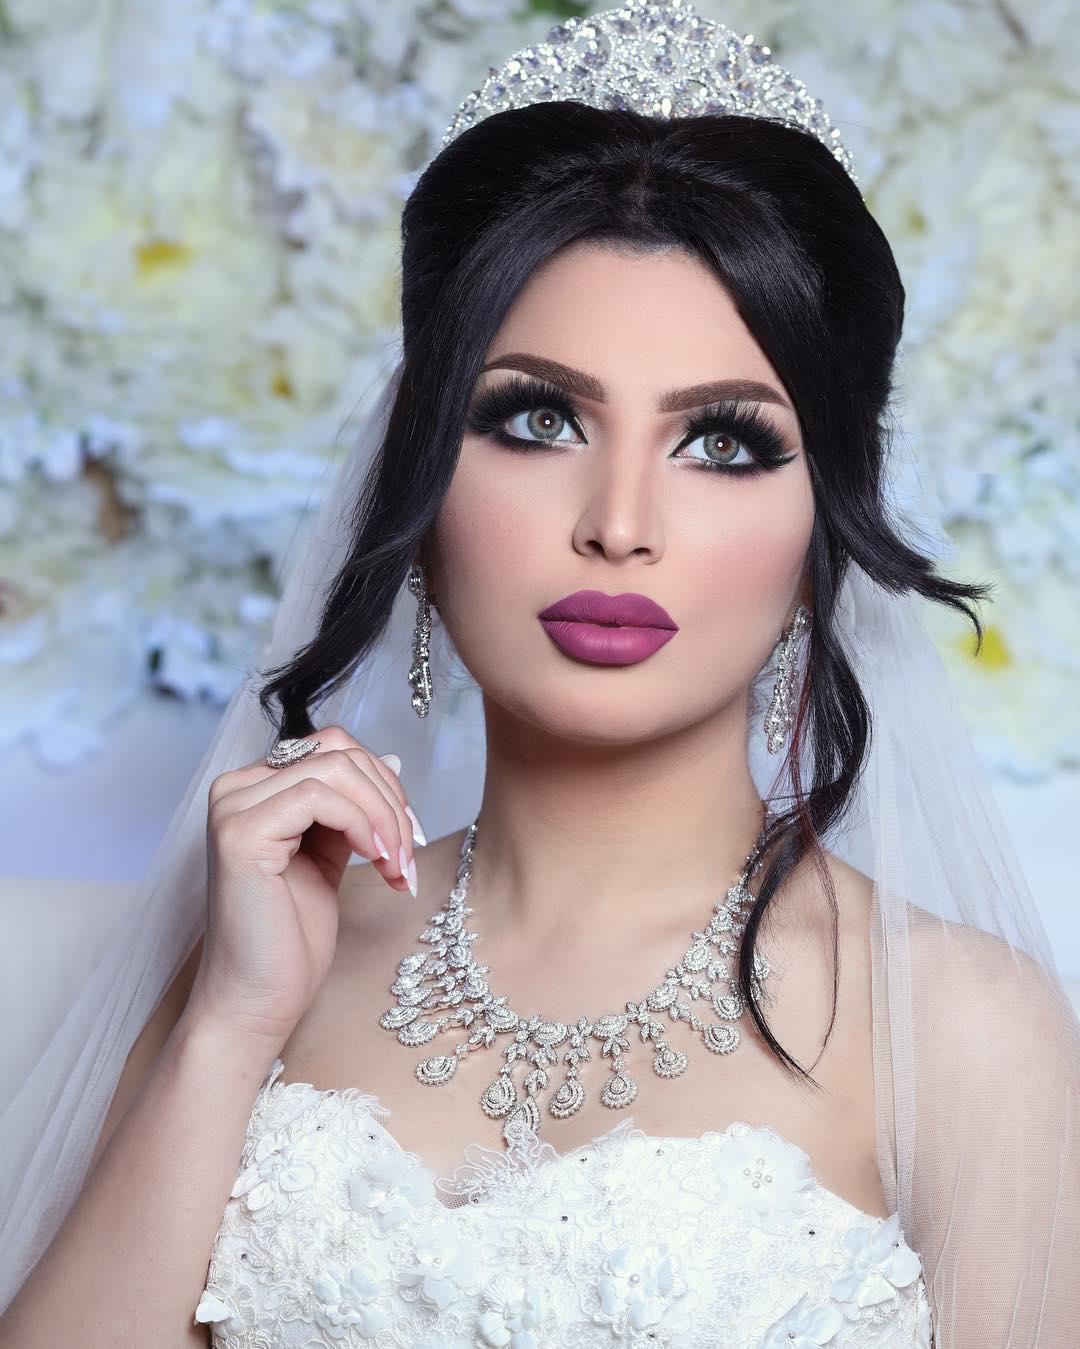 مكياج عيون سموكي جذاب للعروس | الراقية